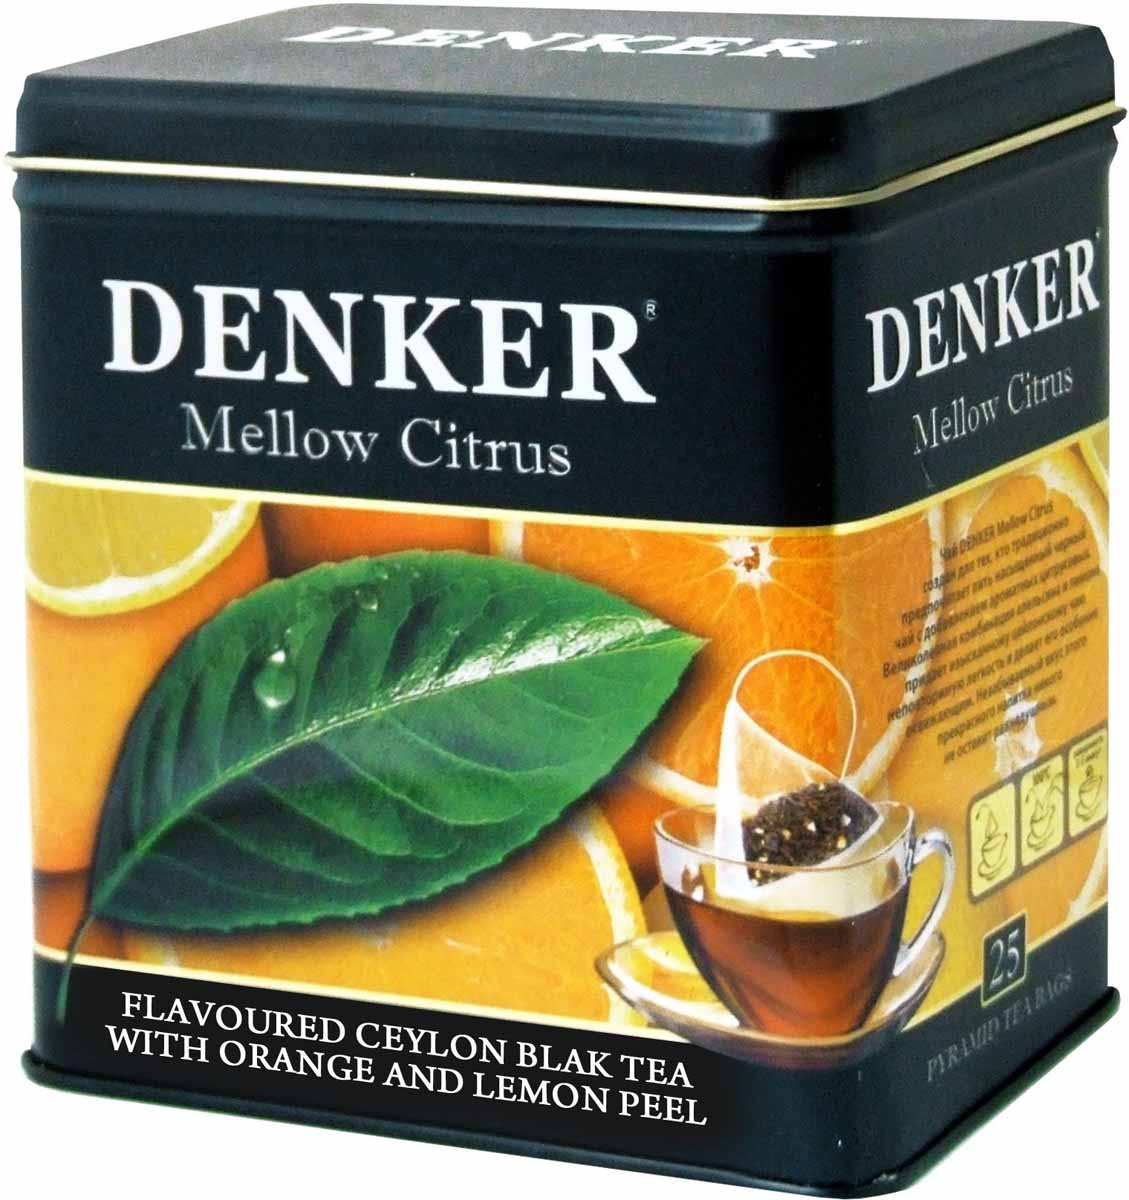 Denker Mellow Citrus черный чай в пирамидках, 25 шт майский корона российской империи черный чай в пирамидках 20 шт